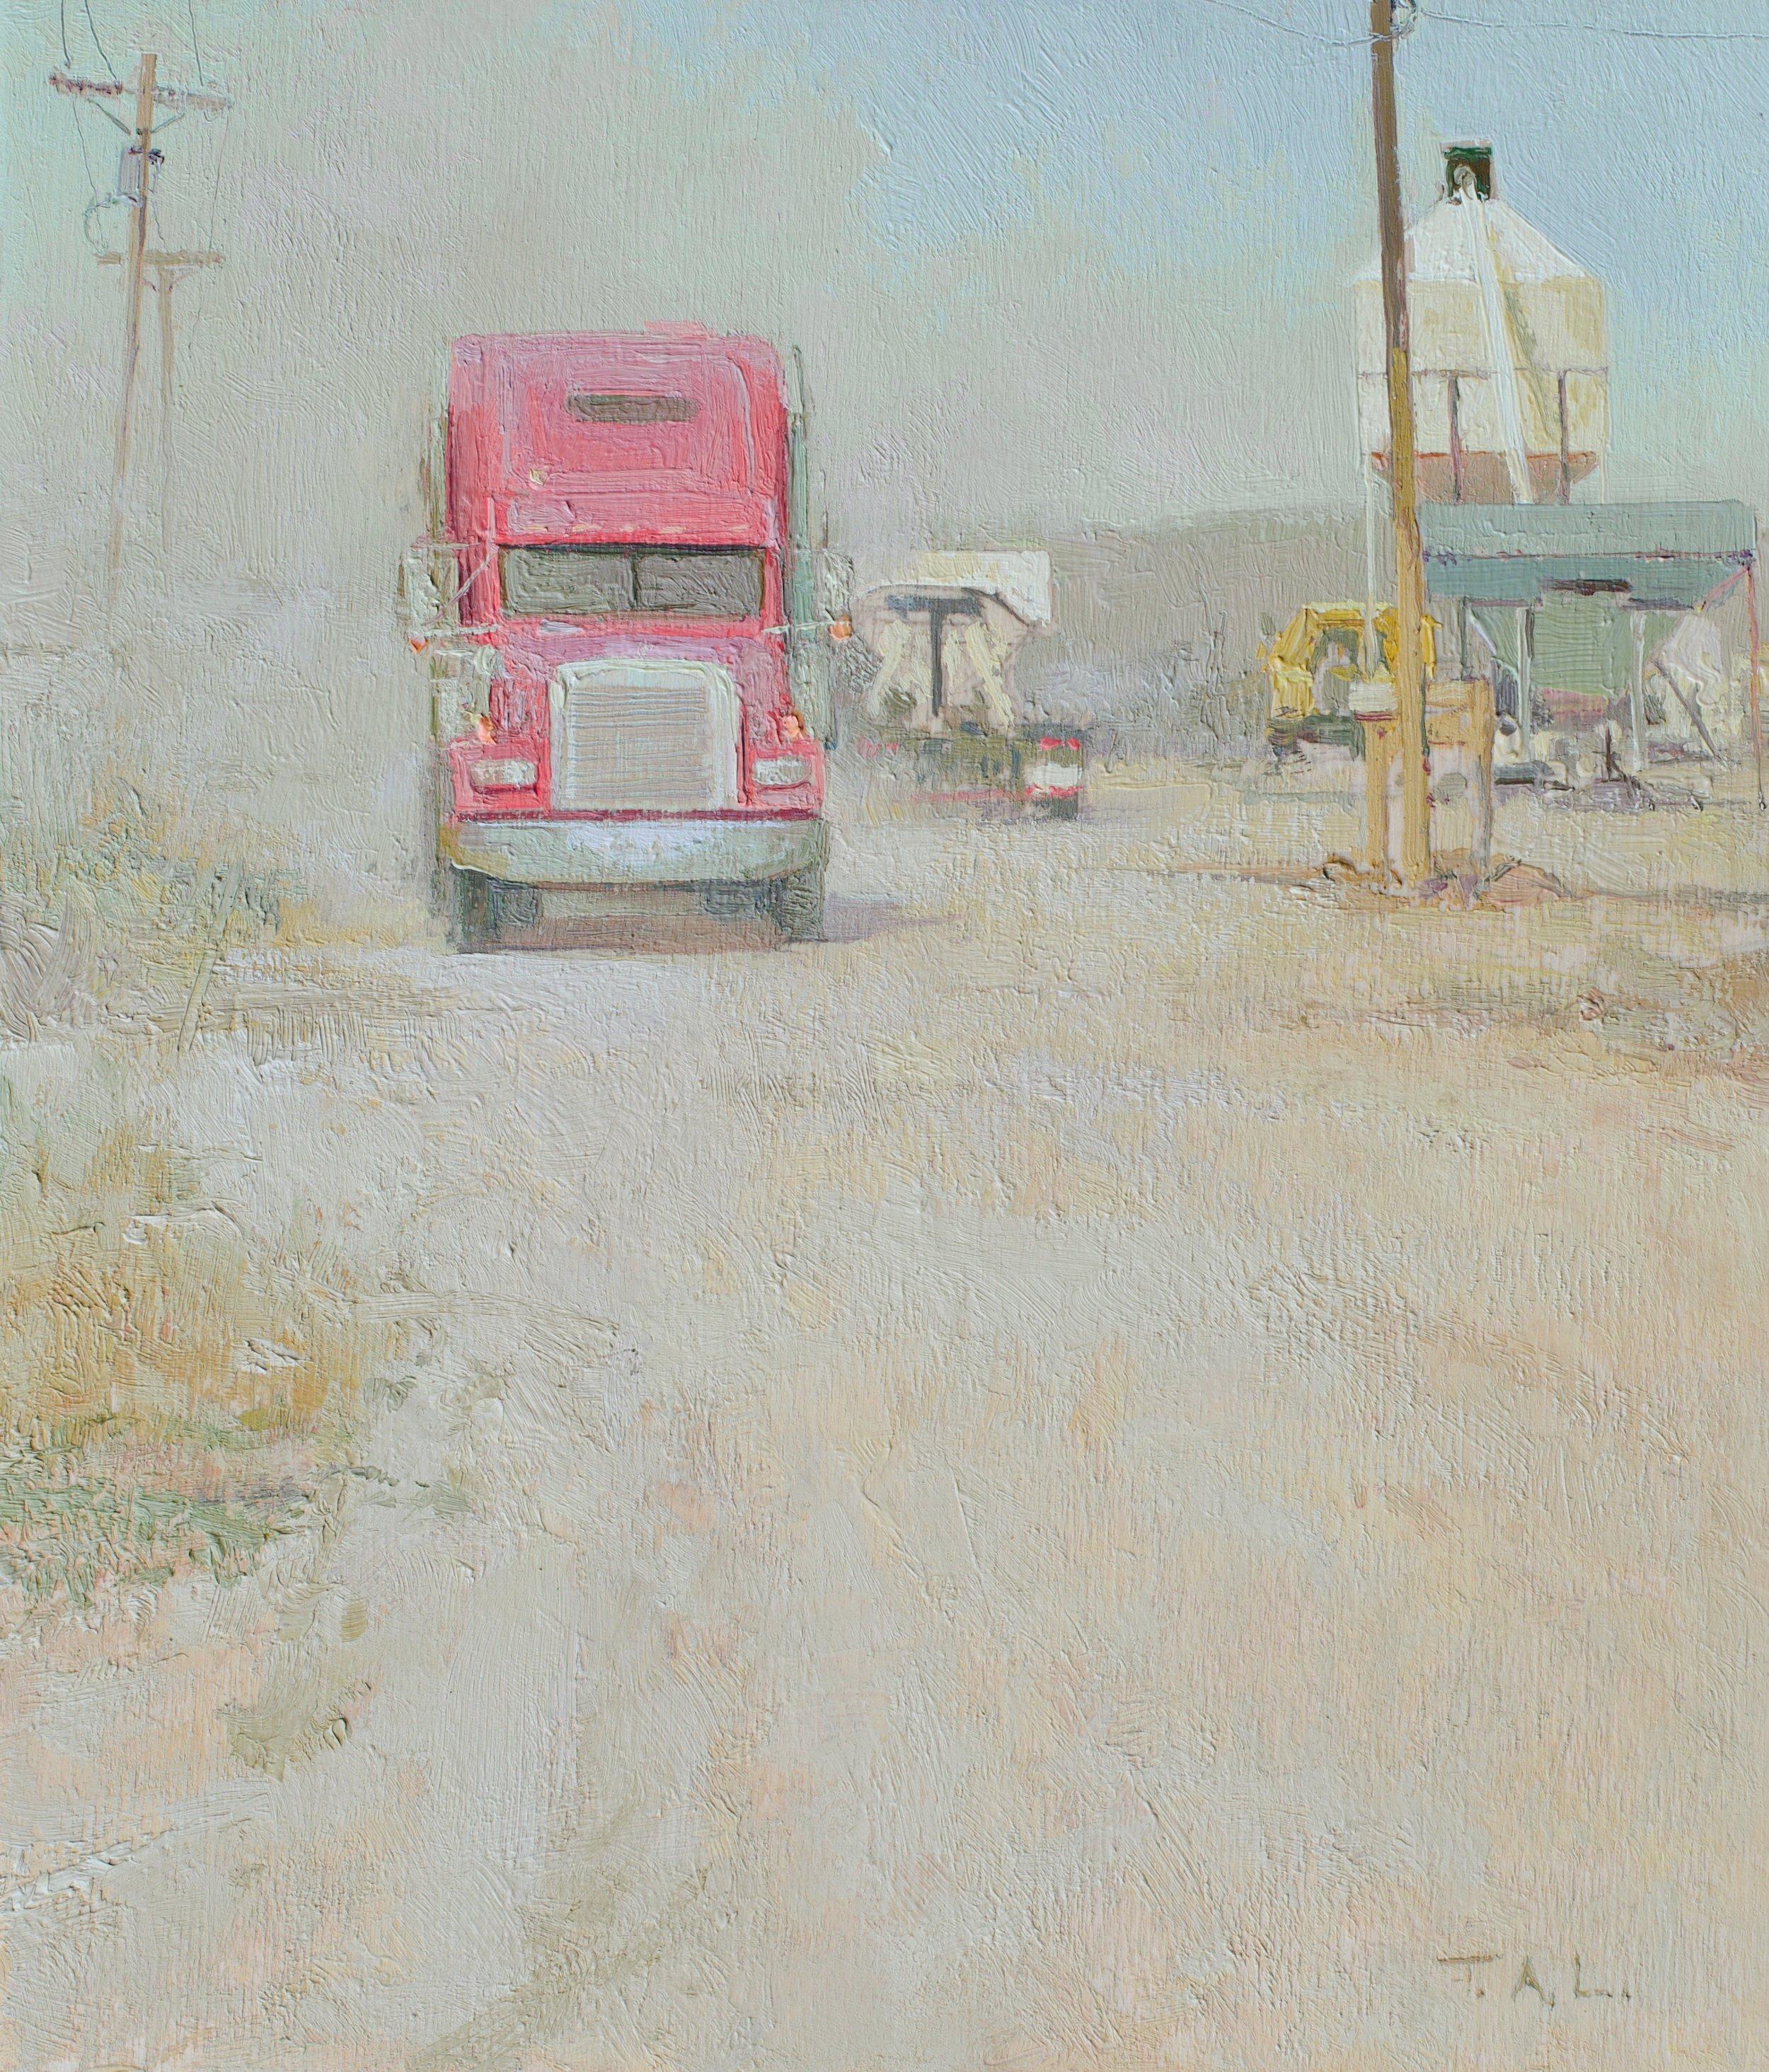 Peterbilt, oil on panel, 10.5 x 9 in.